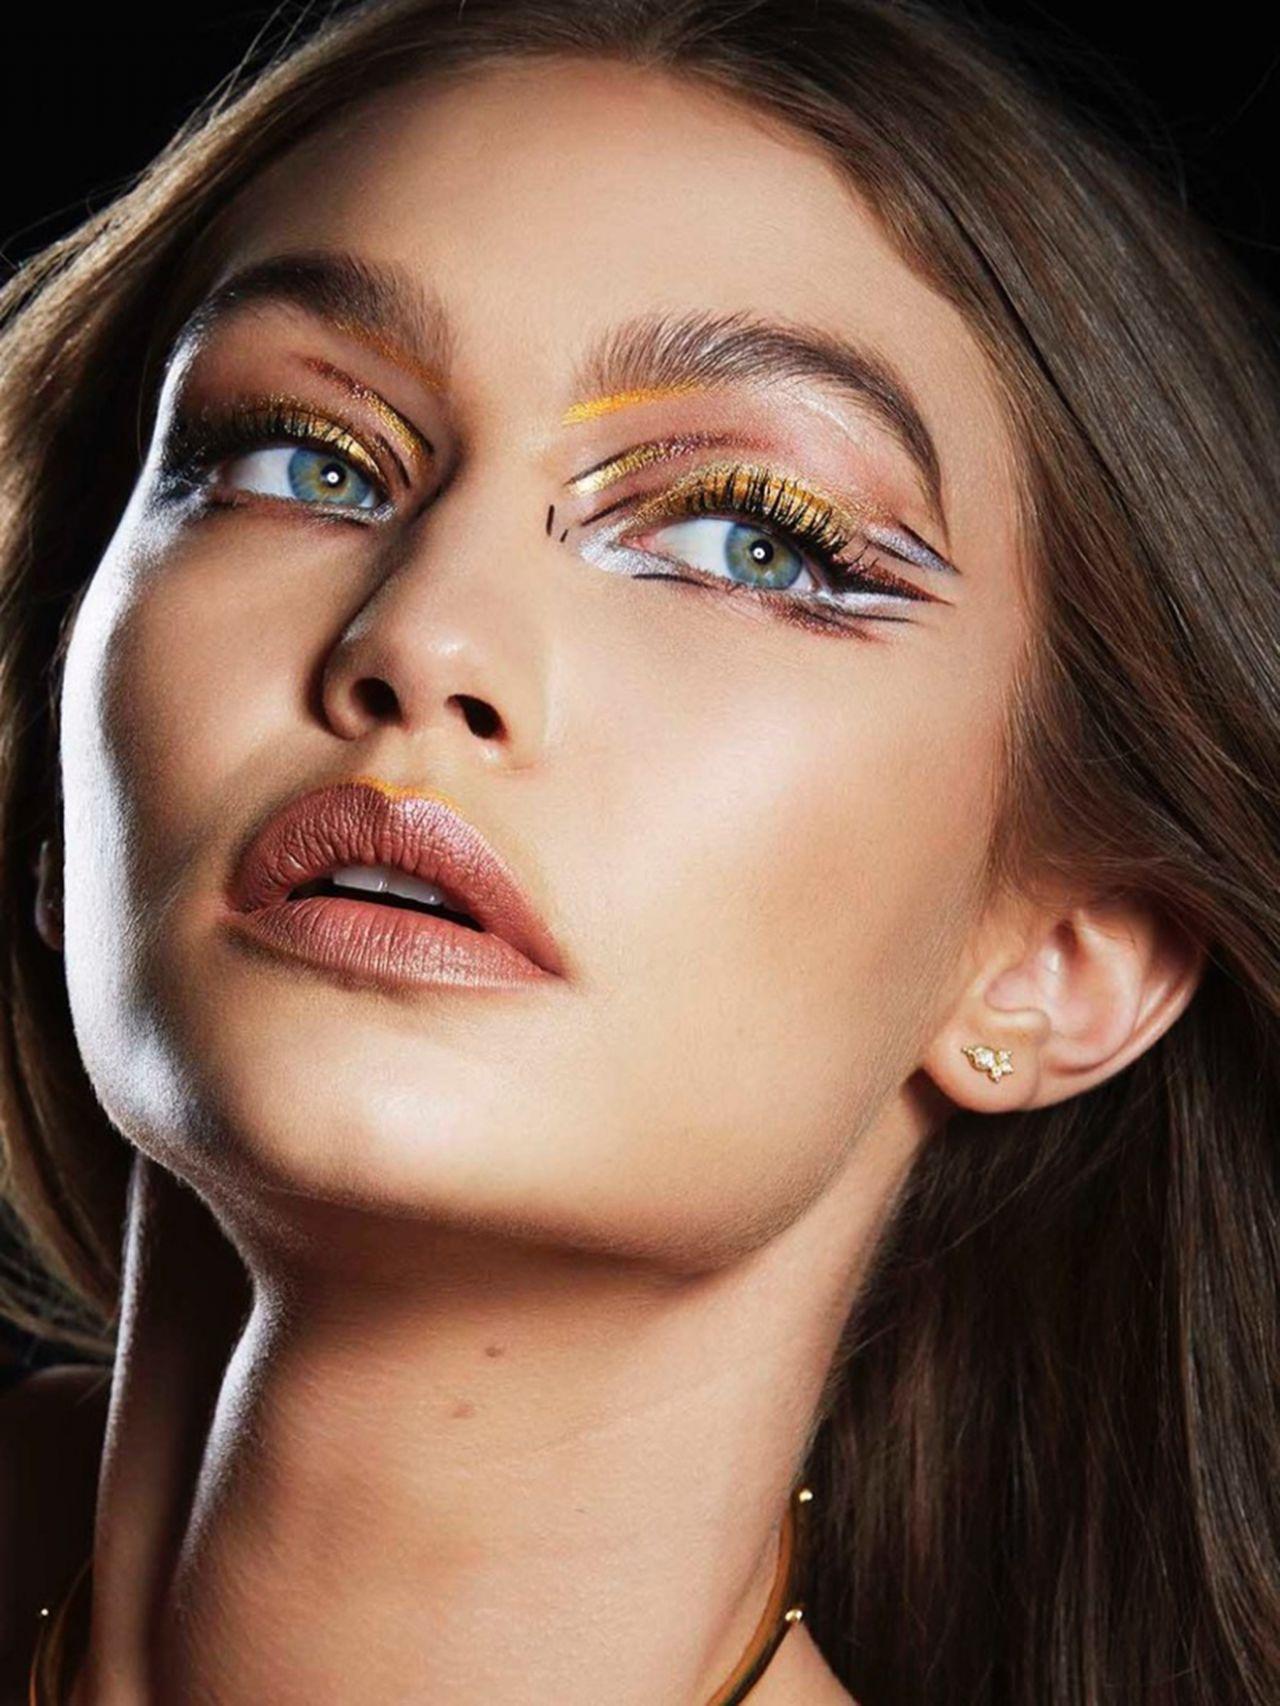 Gigi Hadid Maybelline Photoshoot